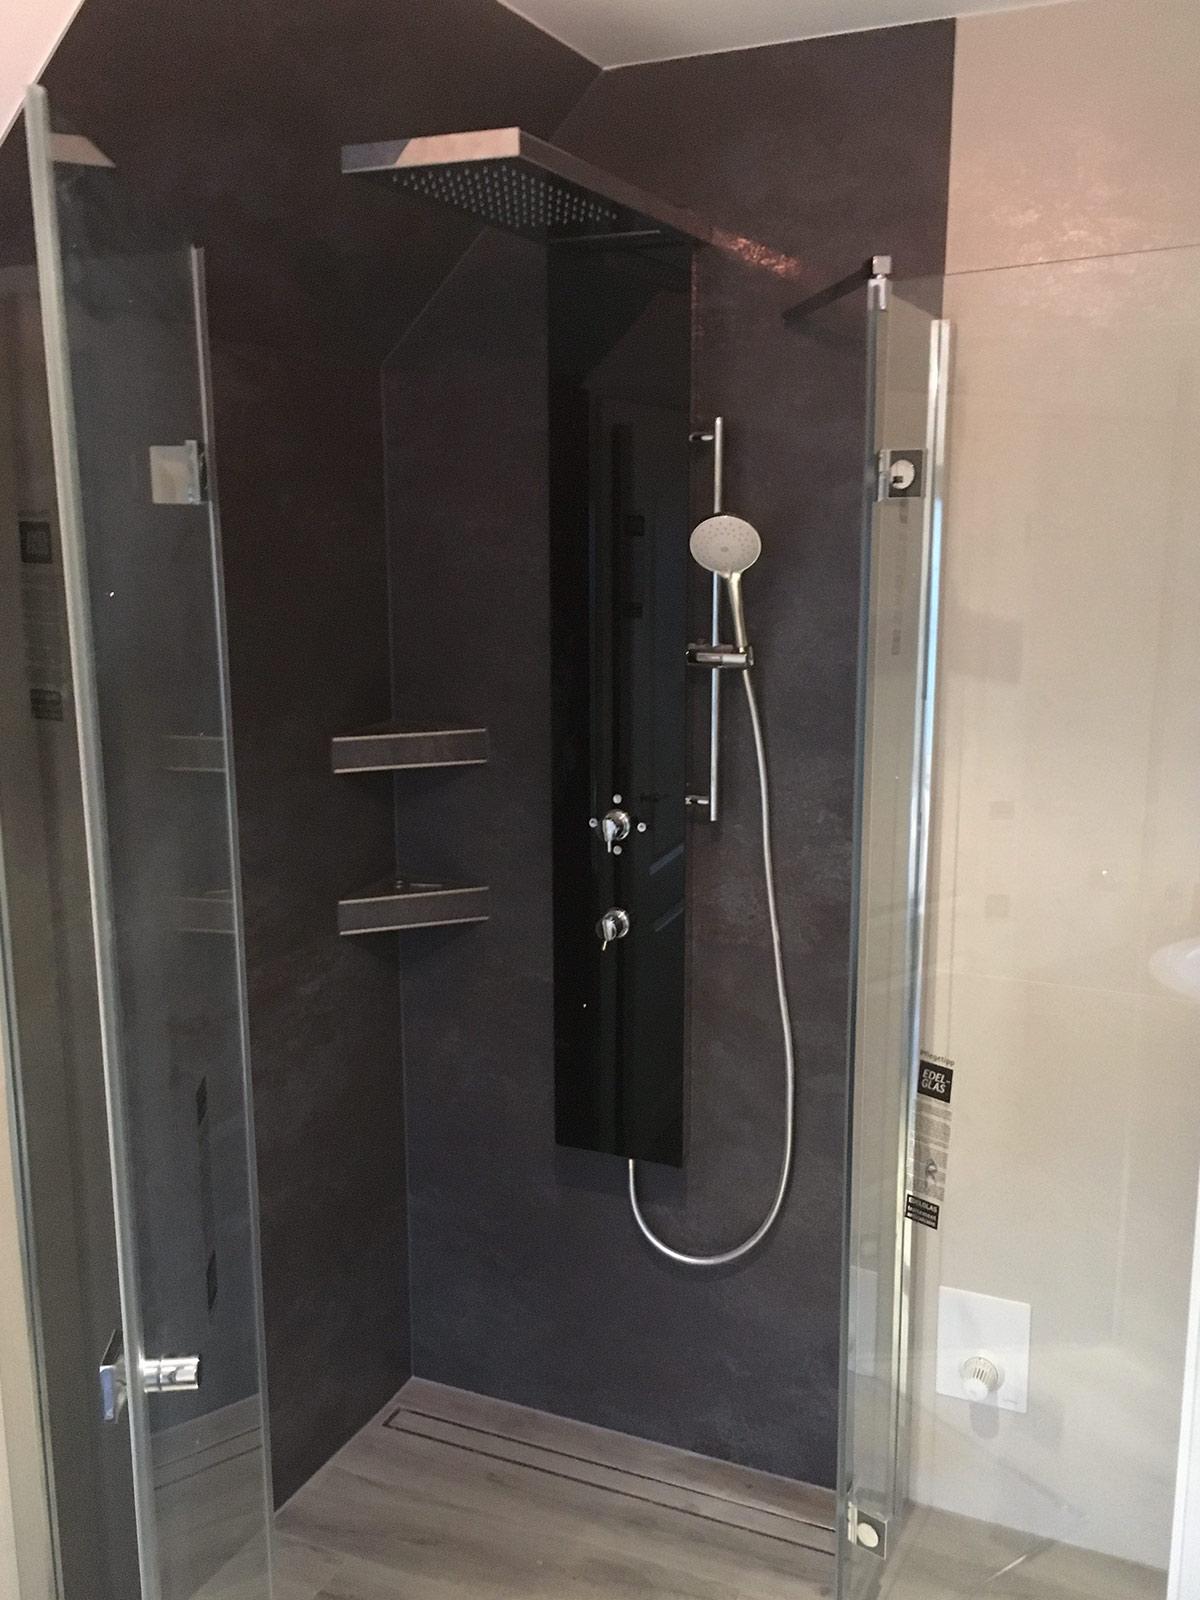 Dusche mit Ablagen, Coverlam-Fliesen 1x1m und 3x1m